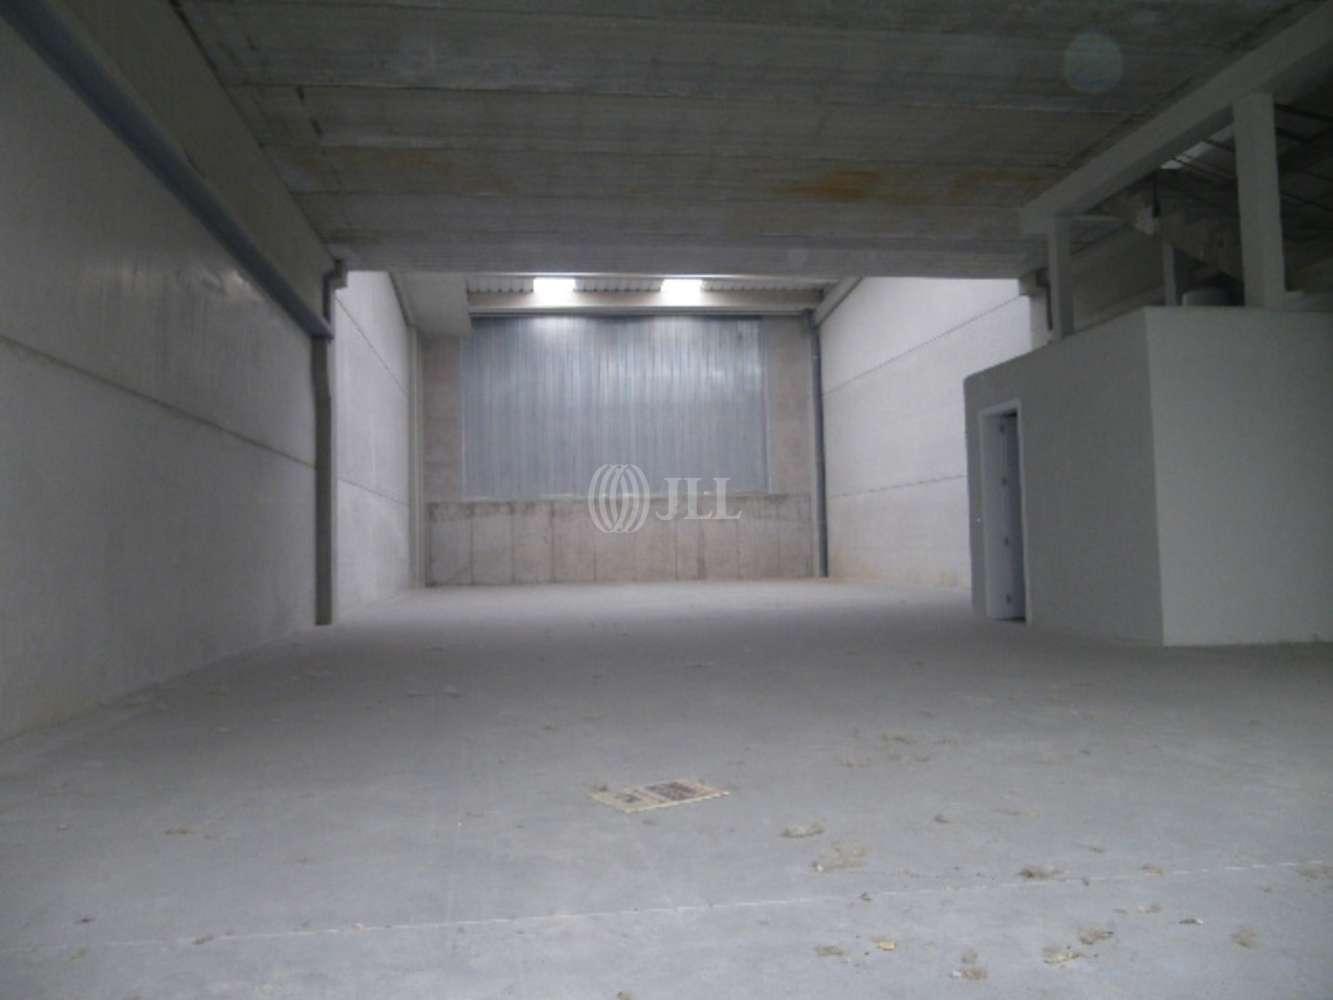 Naves industriales y logísticas San agustín del guadalix, 28750 - Nave Industrial - M0220 - P.A.E. MADRID NORTE - 3111